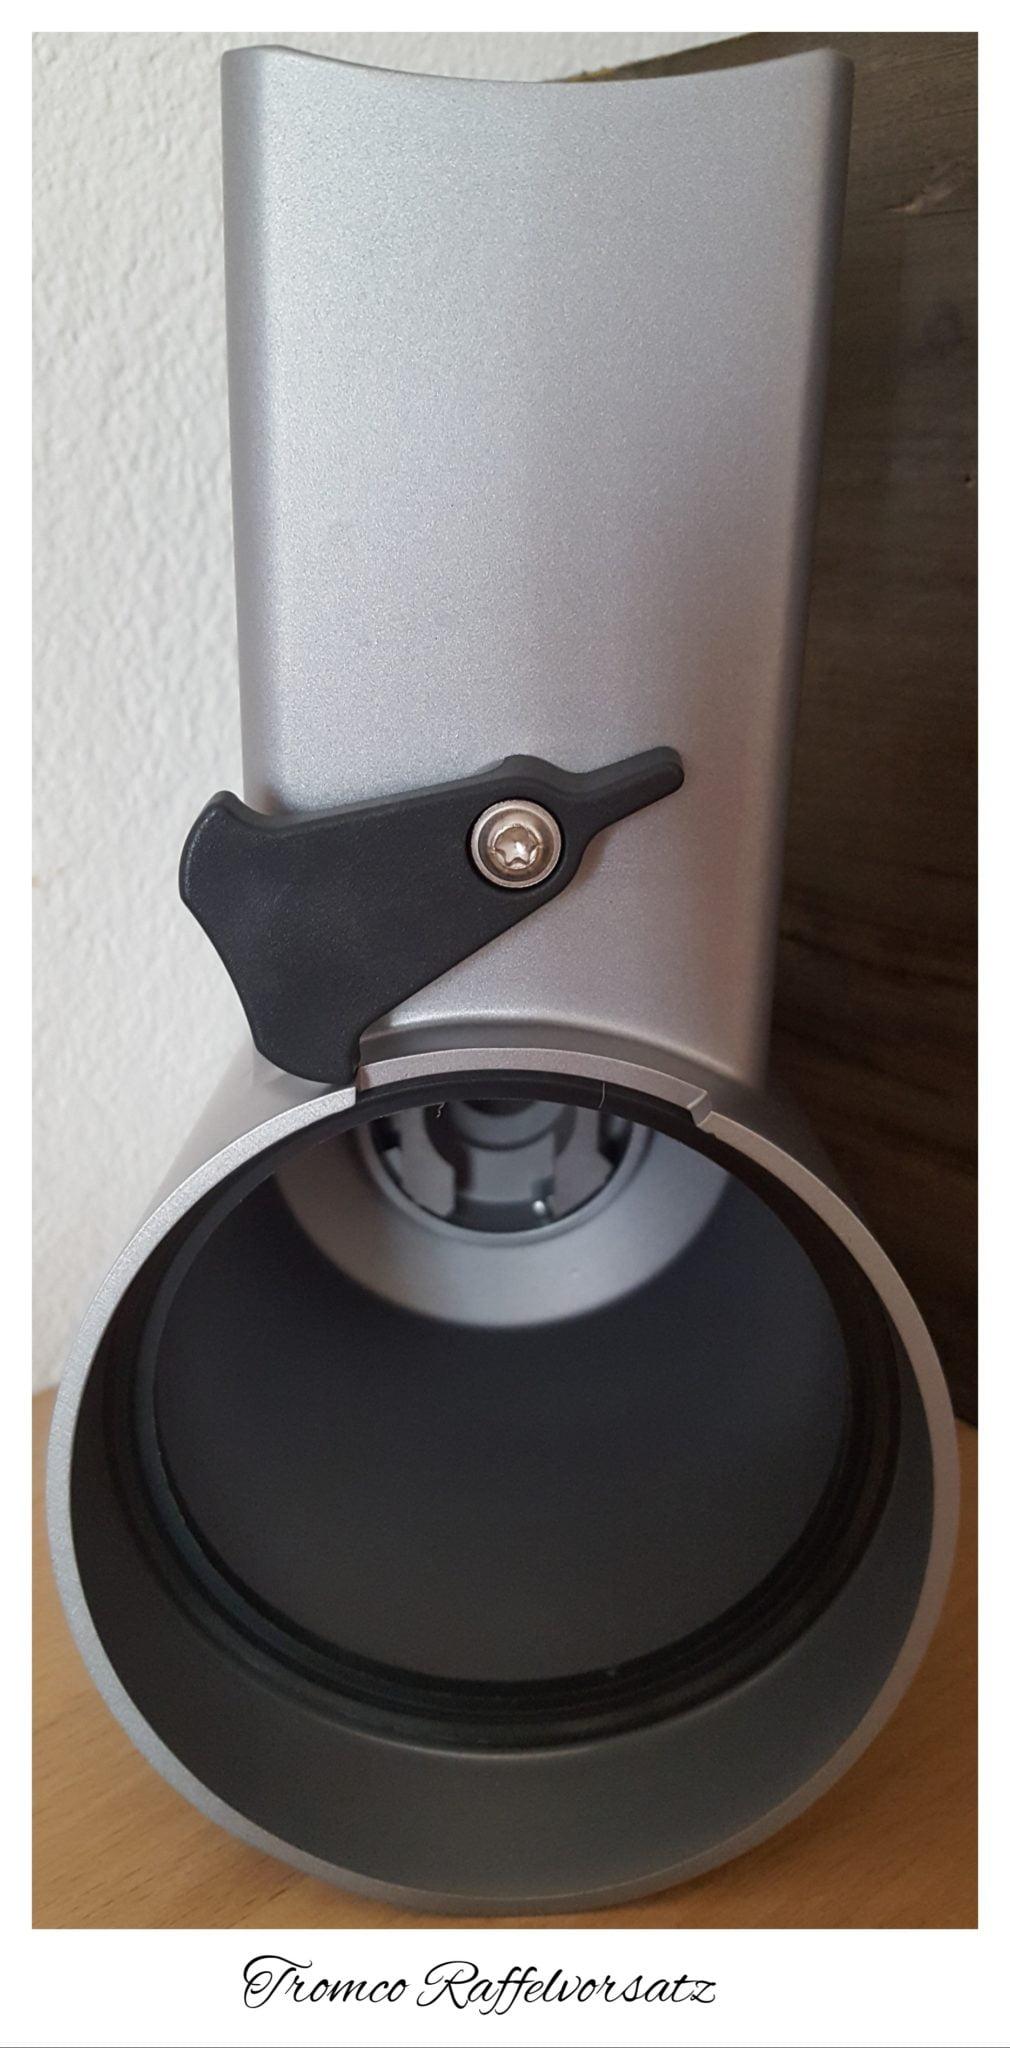 Raffelvorsatz für die KitchenAid aus dem Hause Tromco Protec GmbH